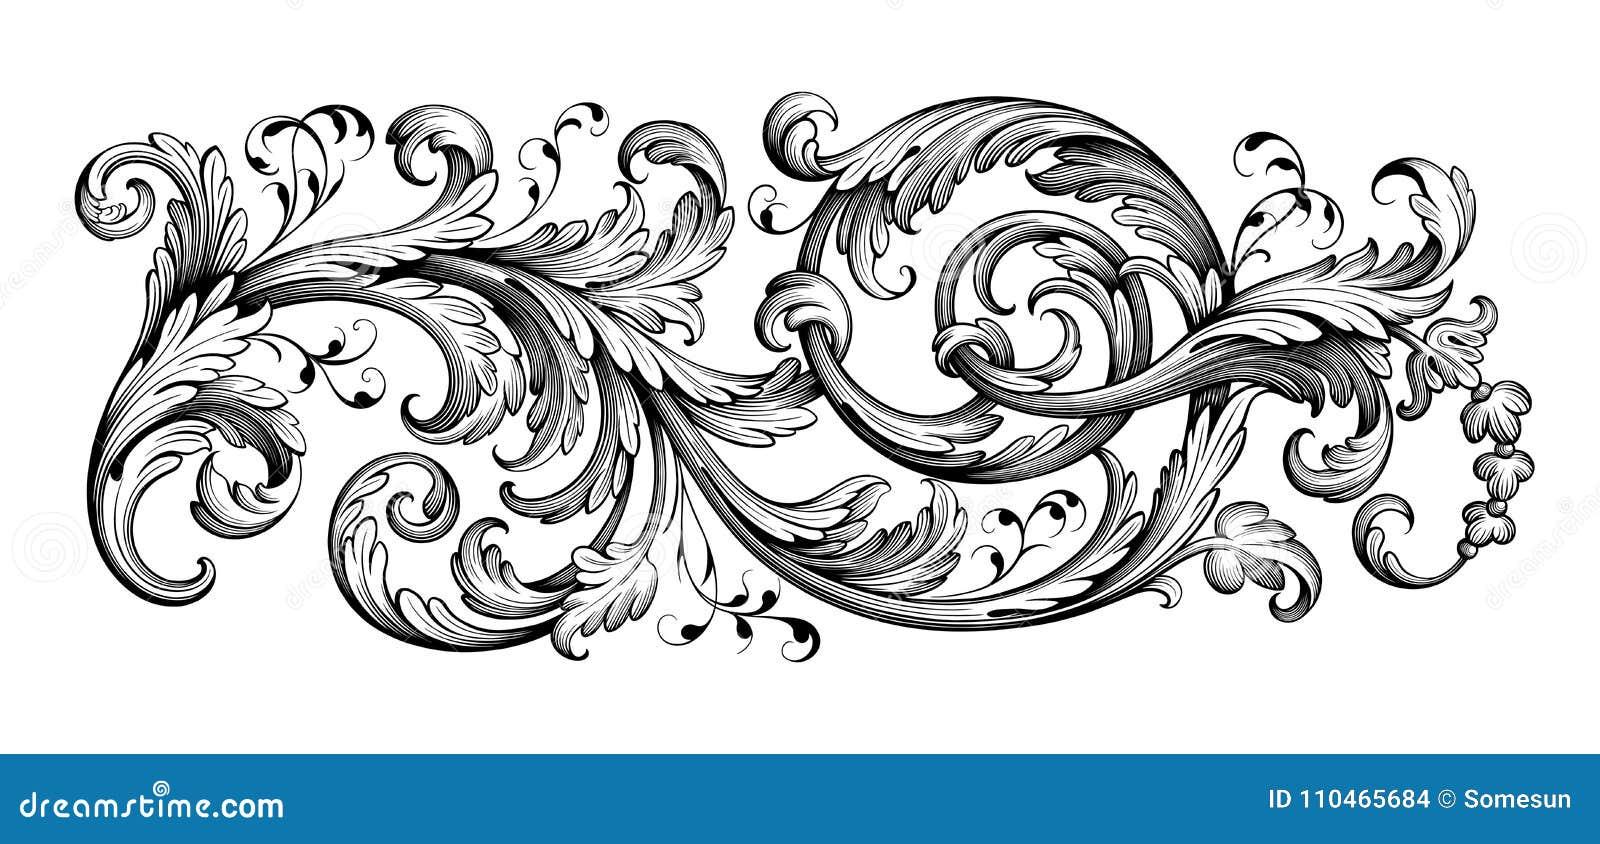 O rolo vitoriano barroco do ornamento floral da beira do quadro do vintage gravou o vetor caligráfico da tatuagem retro do teste